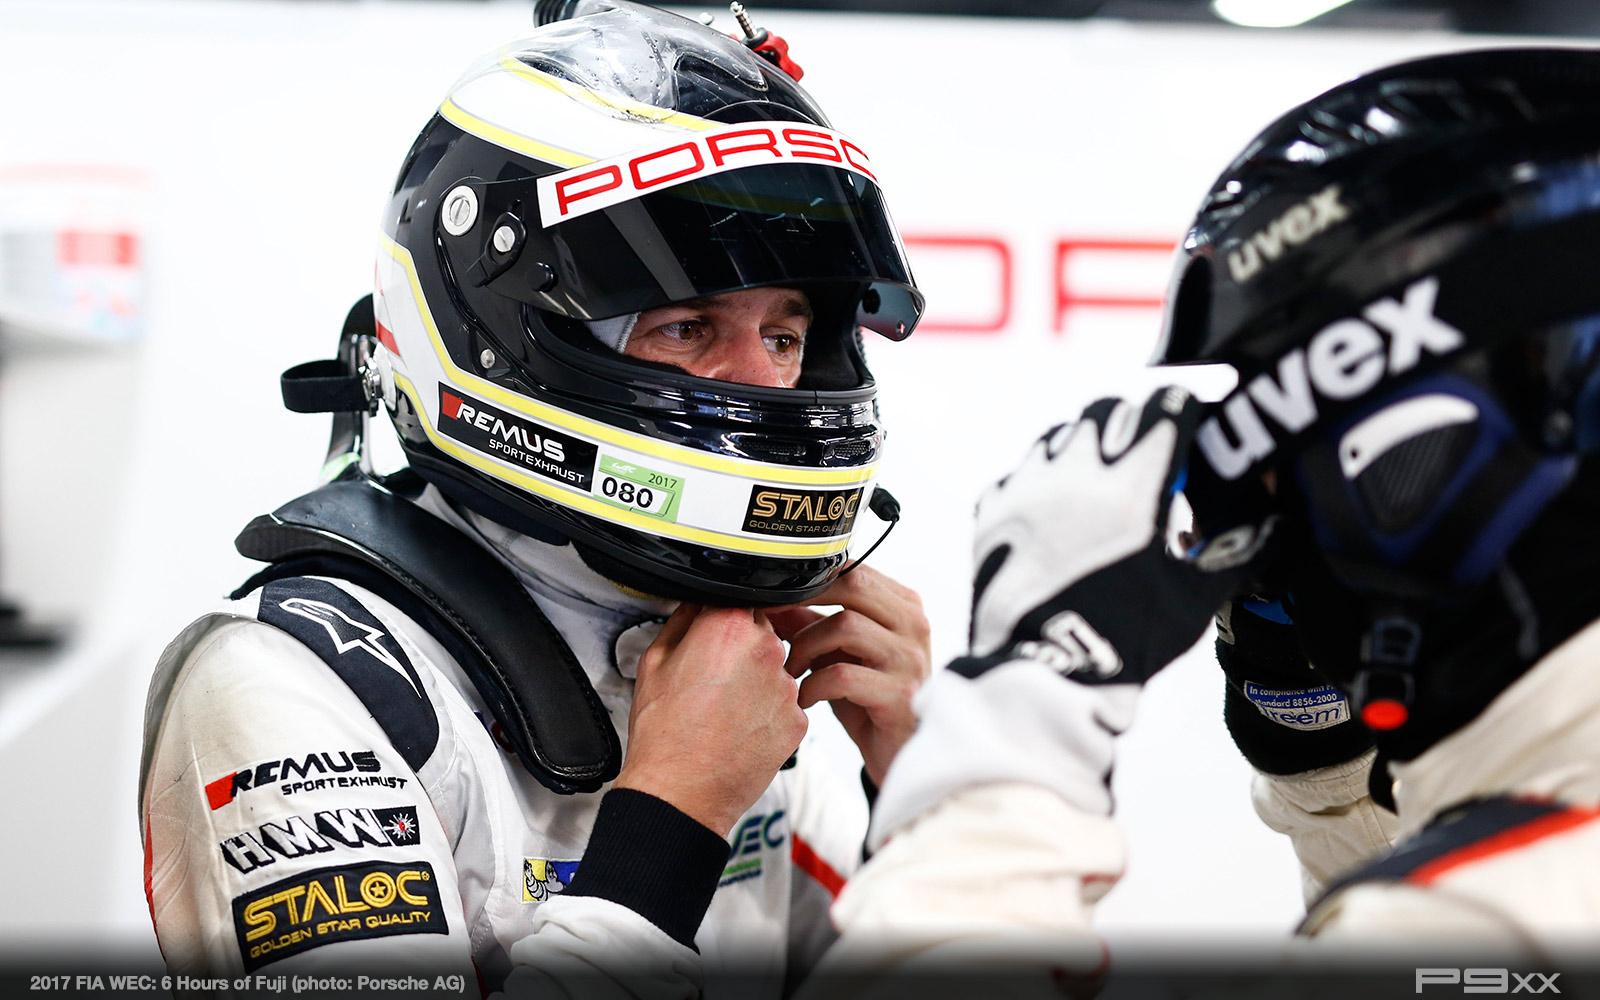 2017-FIA-WEC-6h-of-Fuji-Porsche-489